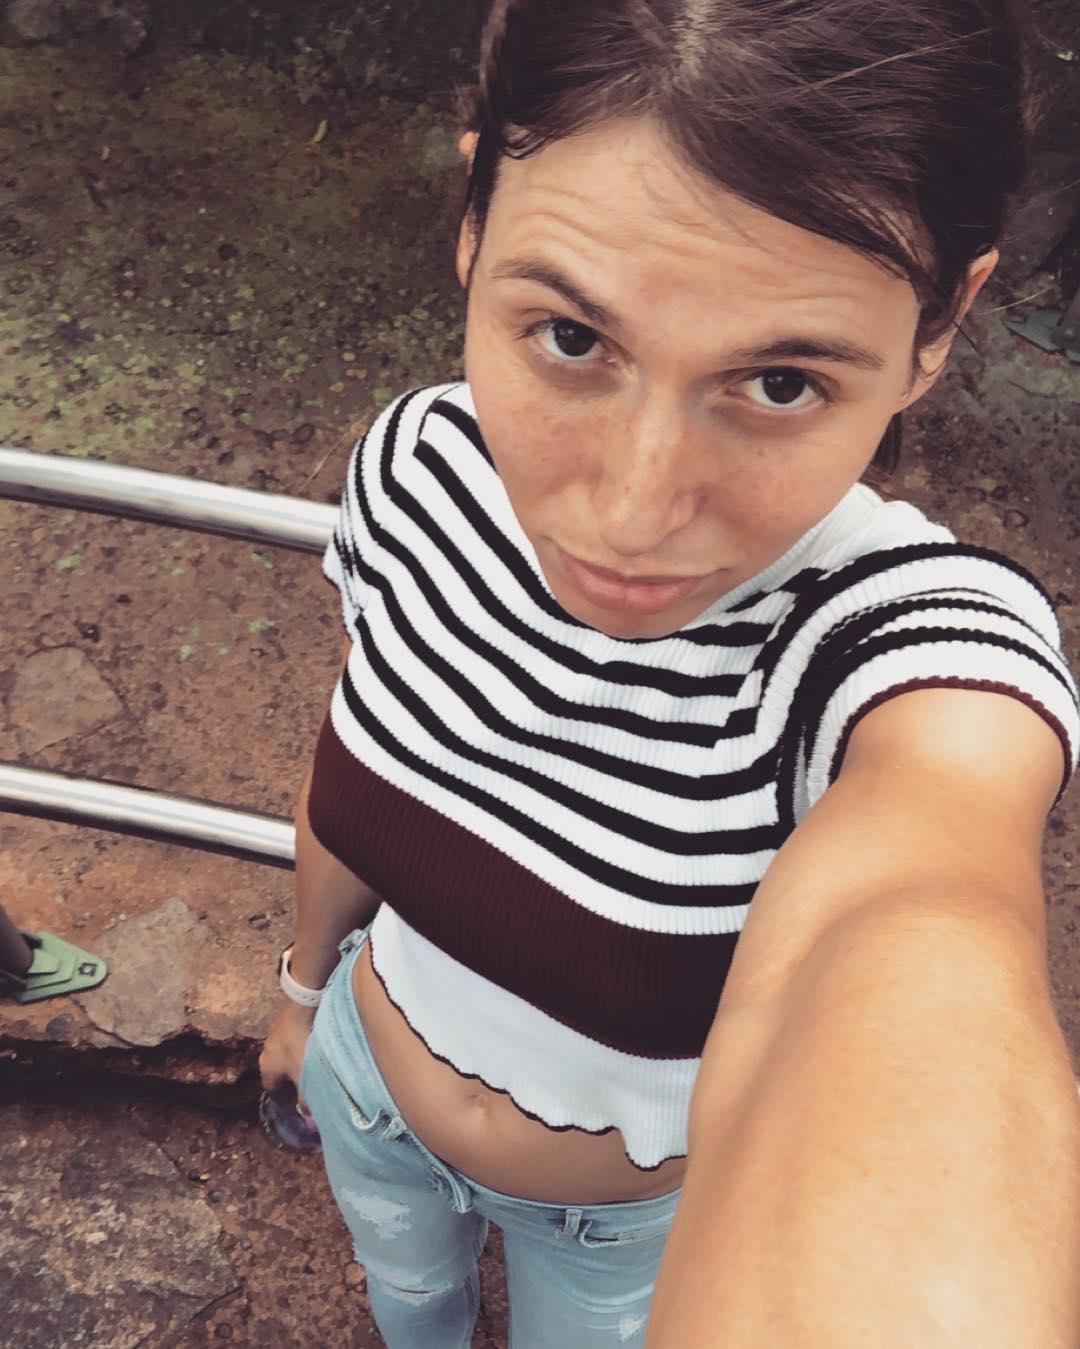 Korra Del Rio outside selfie